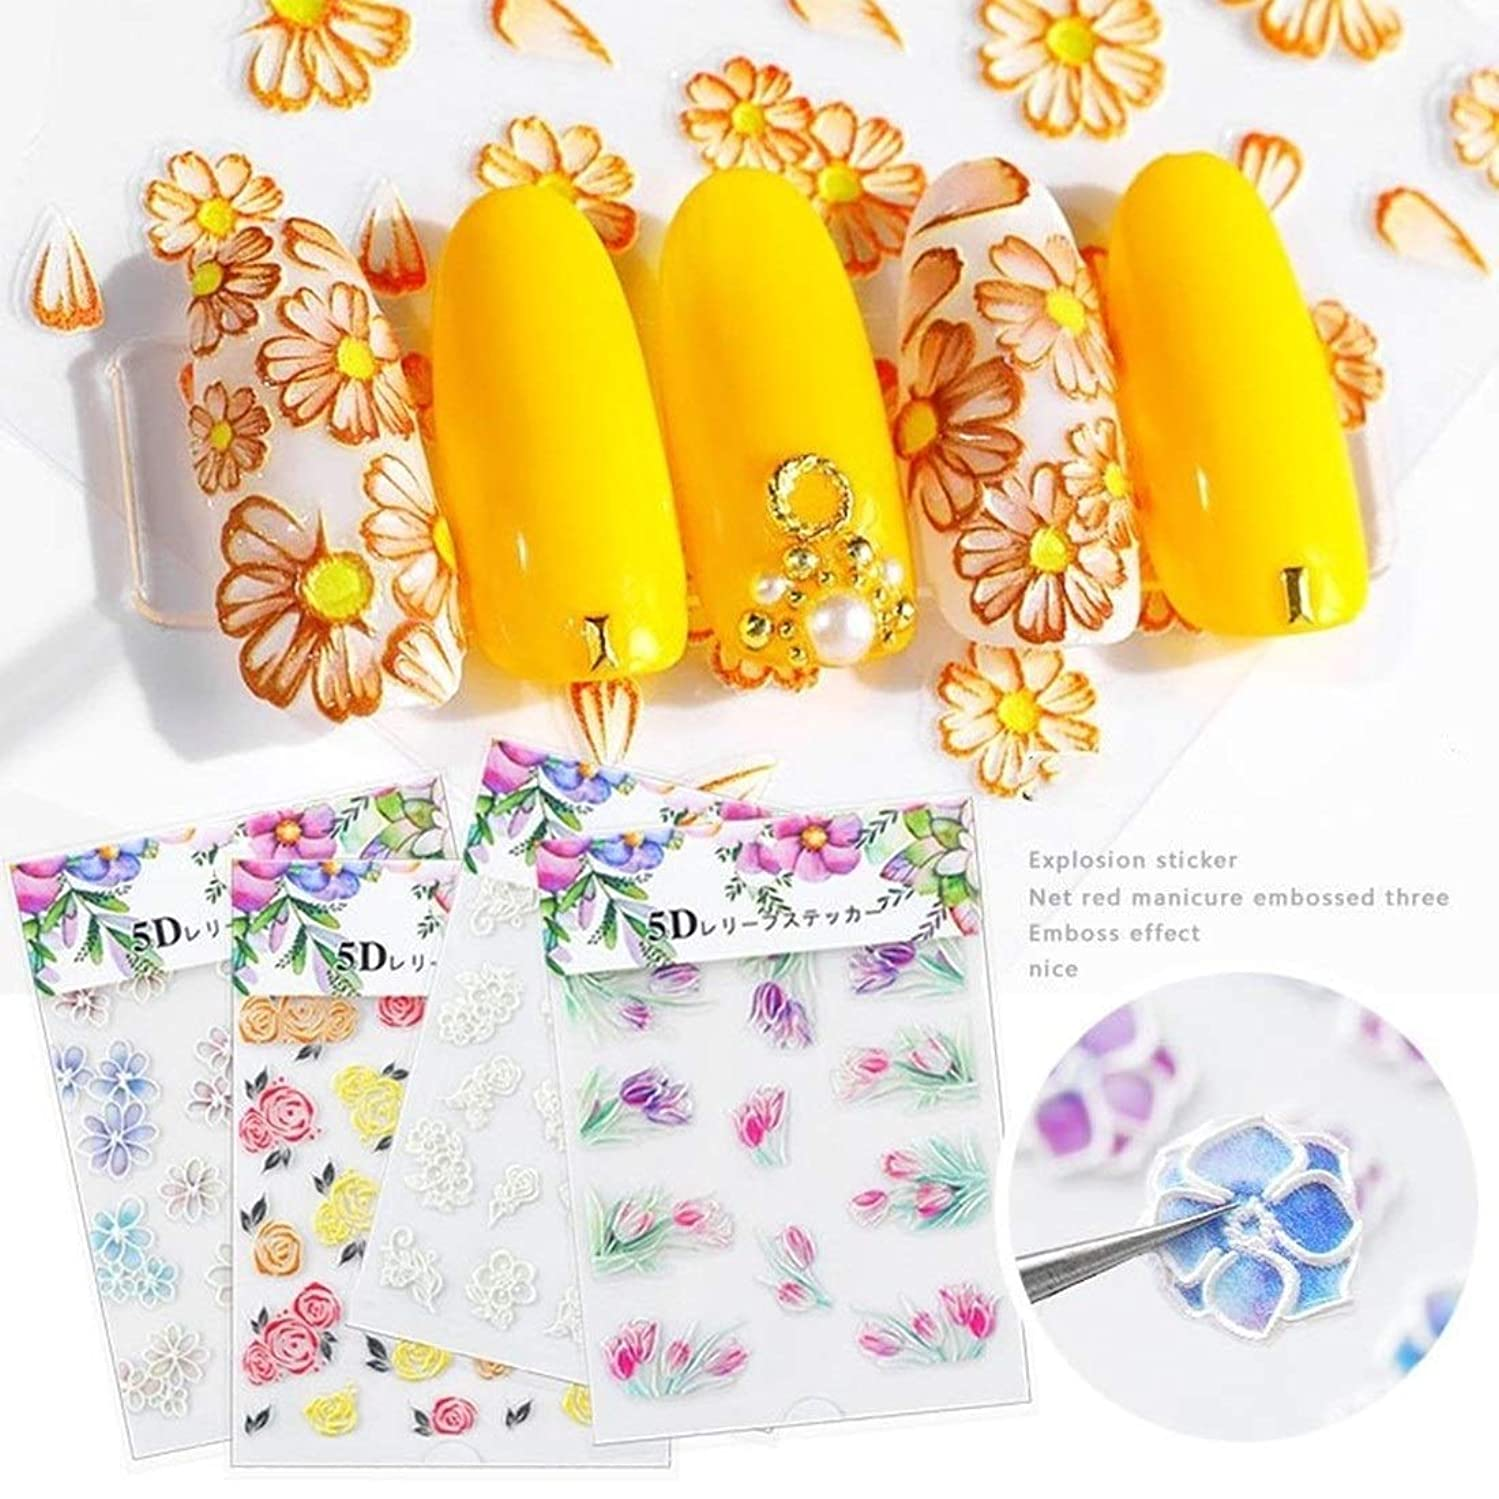 インポート生き返らせる厳密にTianmey 5Dネイルステッカーセット10枚の花柄自己粘着転写デカールネイルアートマニキュア装飾ツール